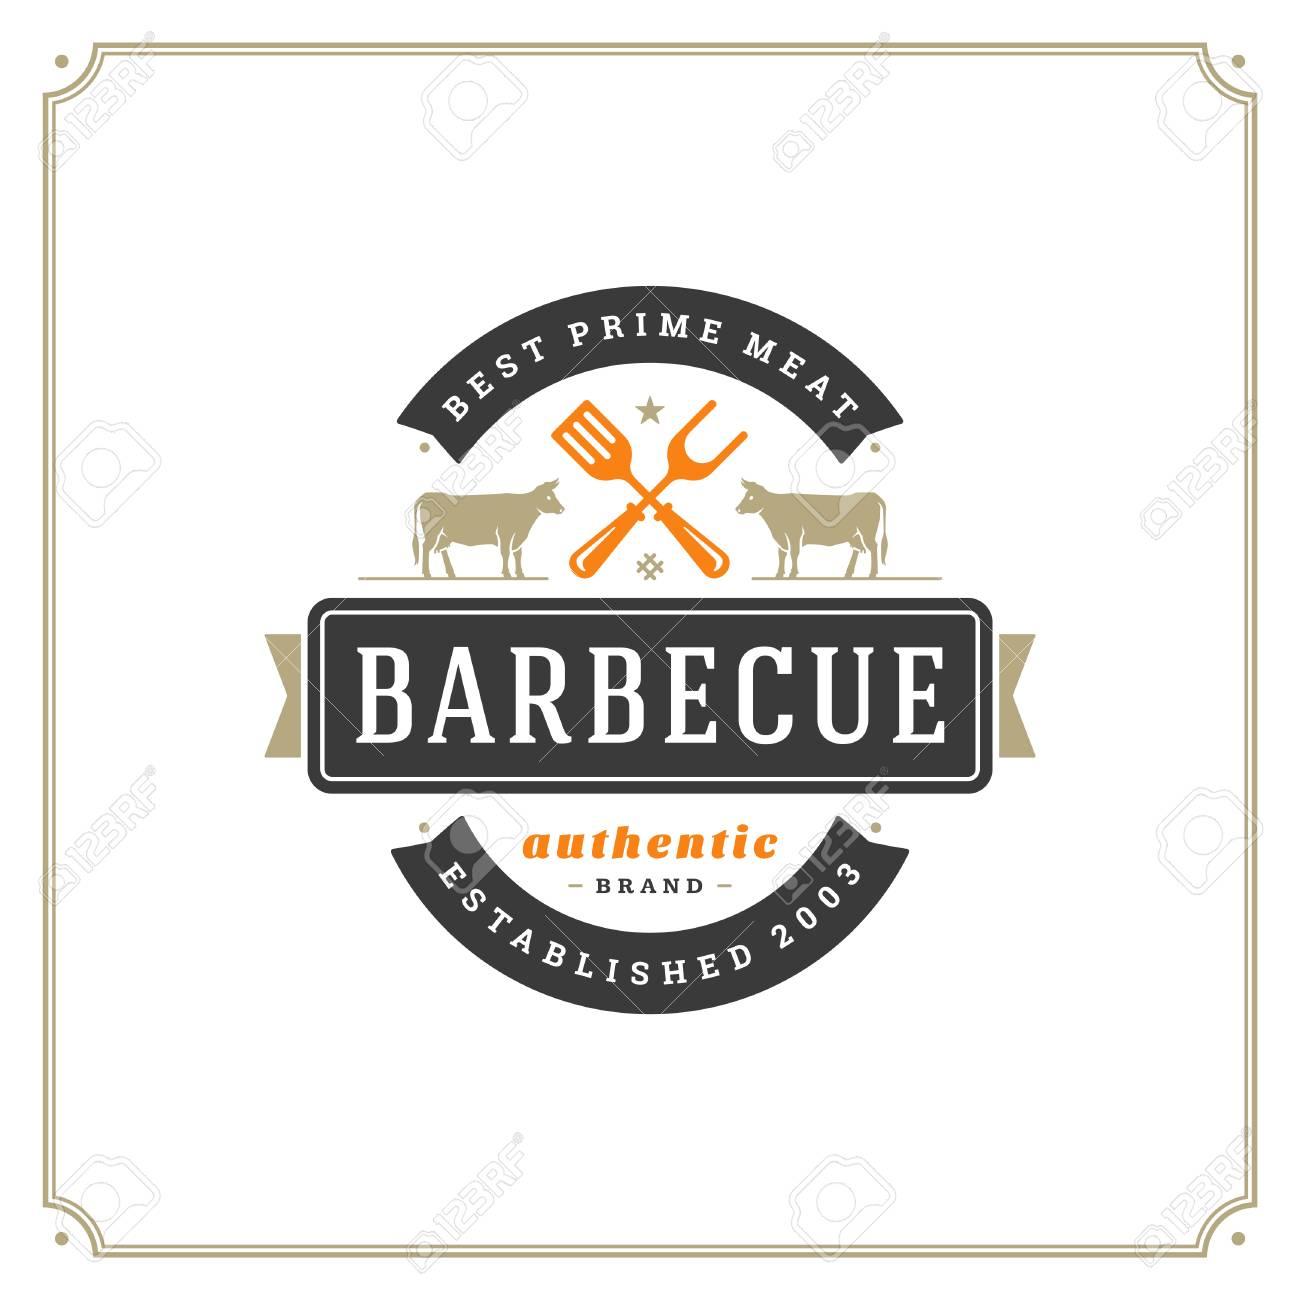 Parrilla Restaurante Logo Ilustracion Vectorial Barbacoa Steak House Menu Emblema Vacas Siluetas Diseno De Insignia De Tipografia Vintage Ilustraciones Vectoriales Clip Art Vectorizado Libre De Derechos Image 98028175